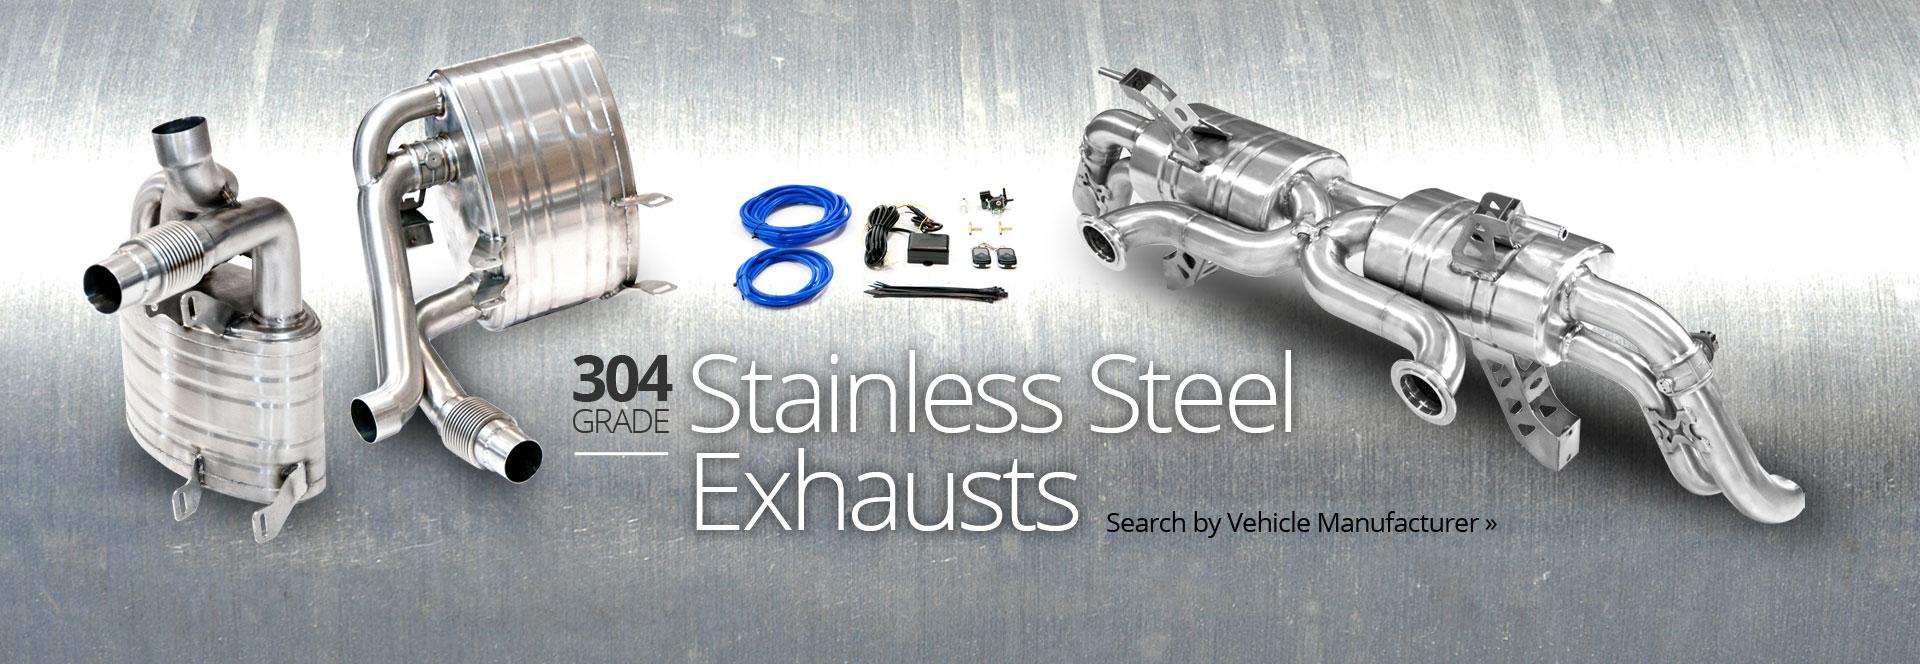 topgear-304grade-ss-exhausts